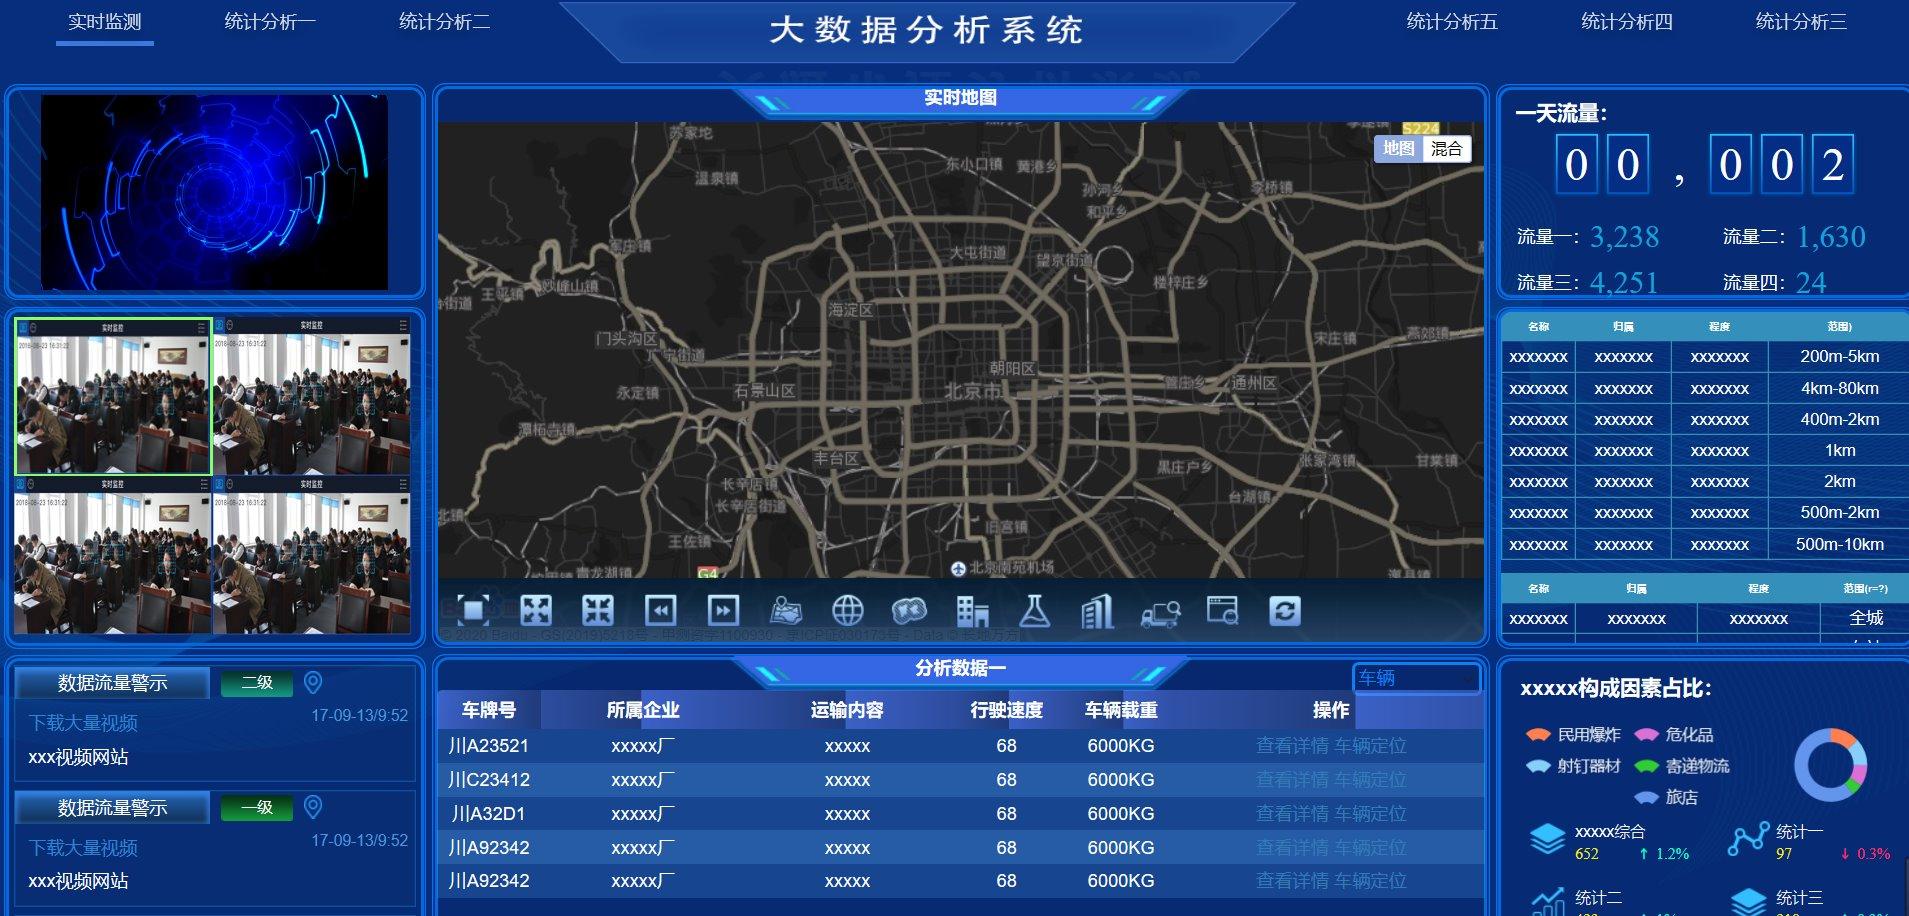 大数据分析系统3D可视化定制<hl>开发</hl>三维GIS系统地图定制<hl>开发</hl>